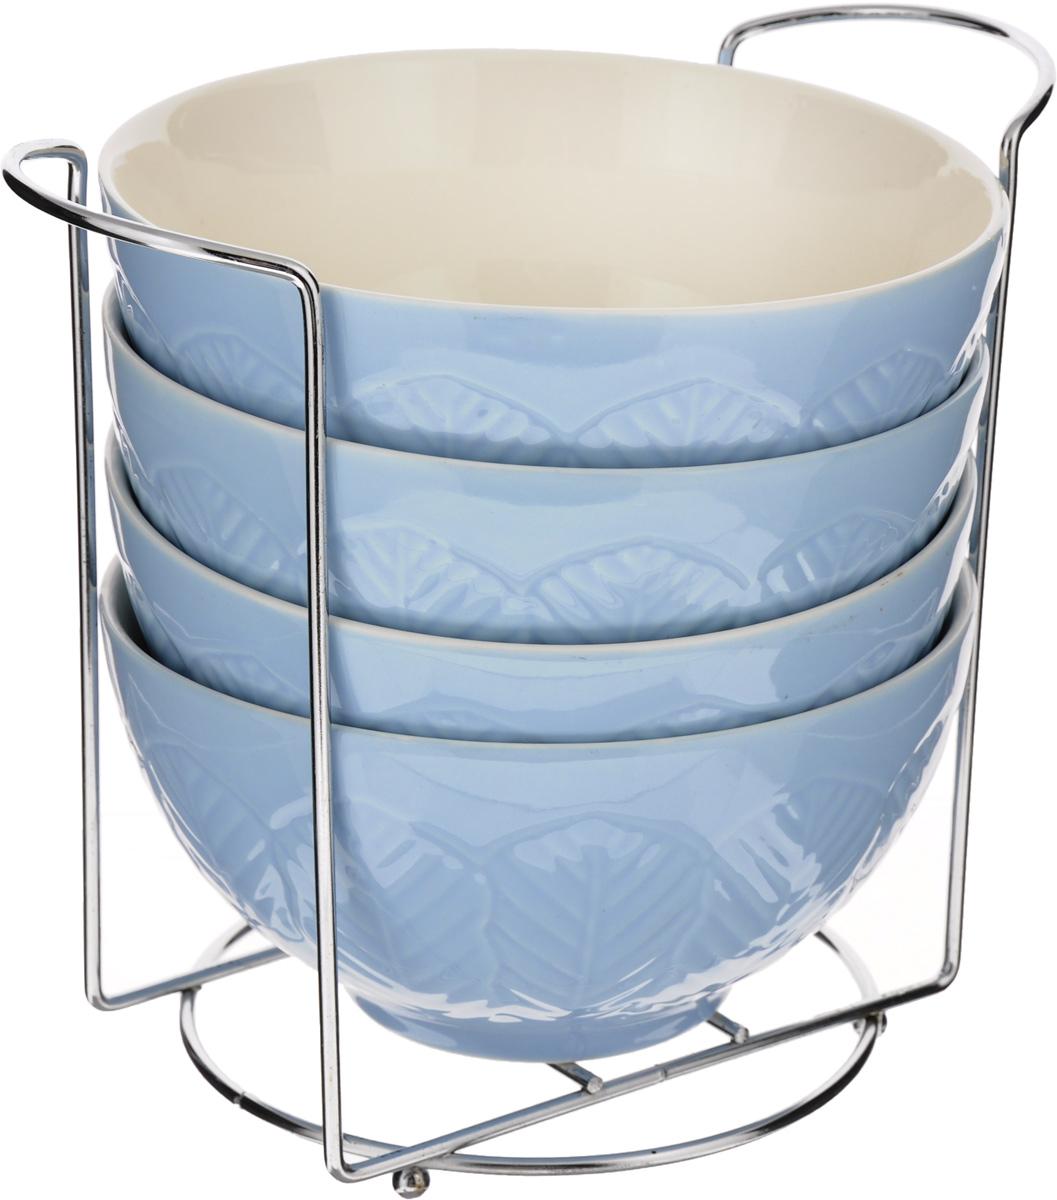 Набор супниц Loraine, на подставке, цвет: синий, белый, 420 мл, 5 предметов22571Набор Loraine включает четыре супницы, выполненные из высококачественной глазурованной керамики. Внешние стенки декорированы рельефным узором. Набор прекрасно подходит для подачи супов, бульонов и других блюд. Элегантный дизайн отлично впишется в интерьер любой кухни.Супницы компактно размещаются на подставке из железа.Посуду можно использовать в микроволновой печи и холодильнике, а также мыть в посудомоечной машине.Объем супниц: 420 мл.Диаметр супниц (по верхнему краю): 15,5 см.Высота супниц: 8 см.Размер подставки: 20 х 13 х 18 см.